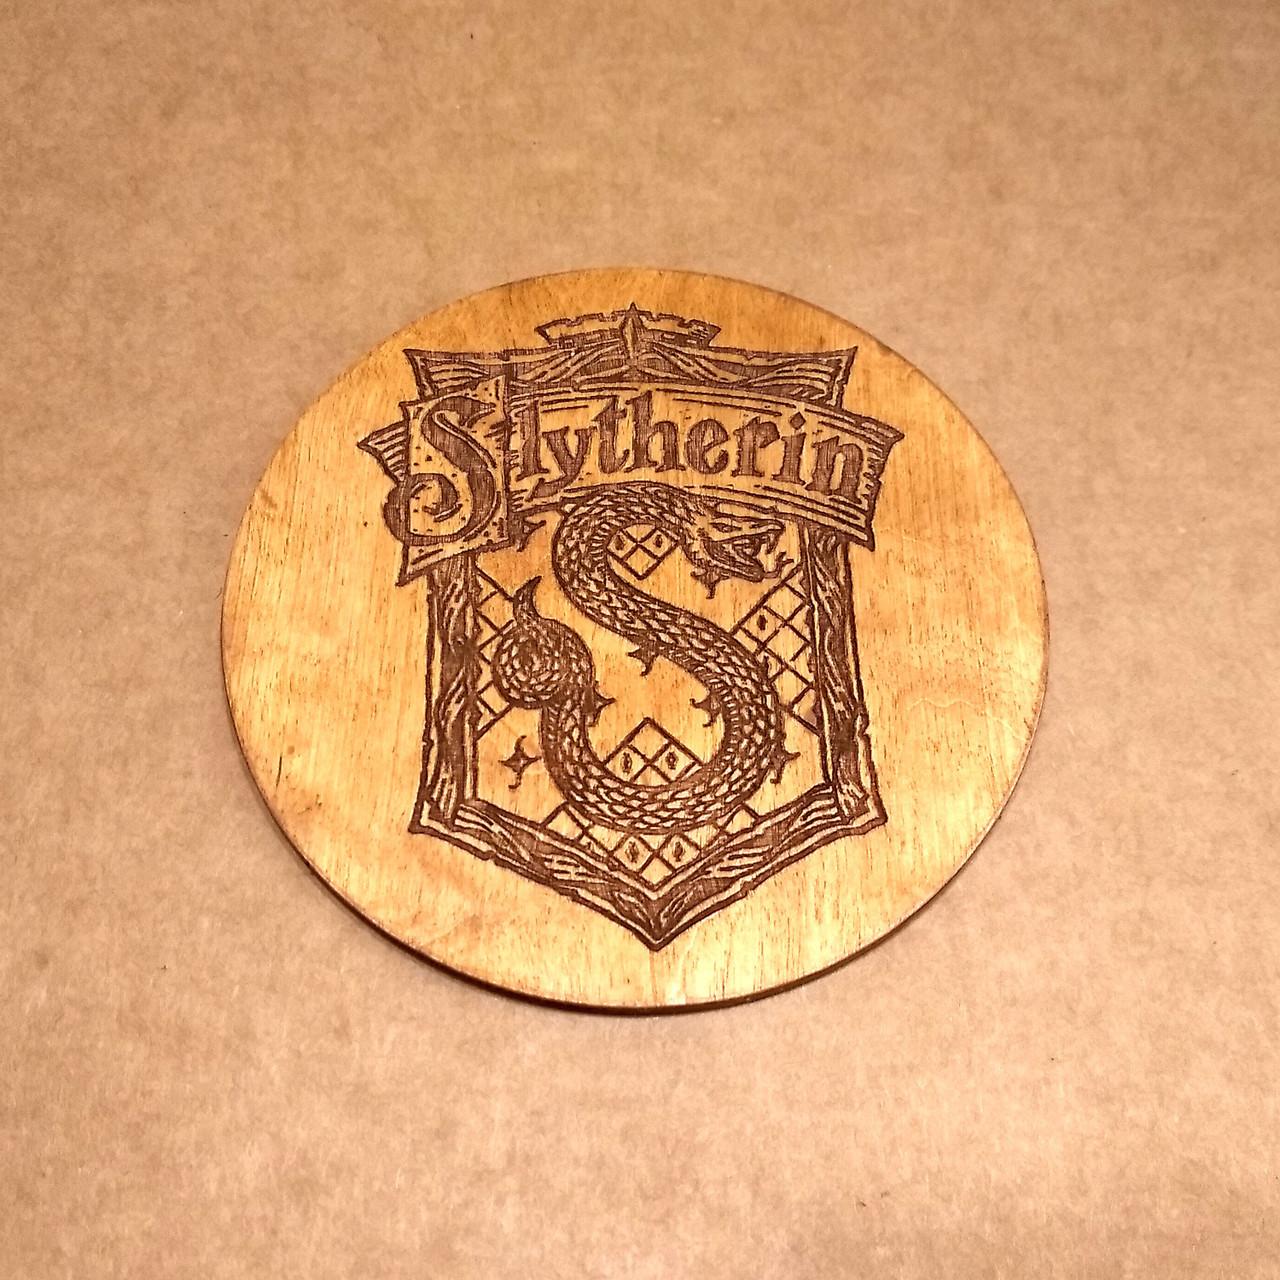 Костер деревянный. Подставка под кружку Слизерин.